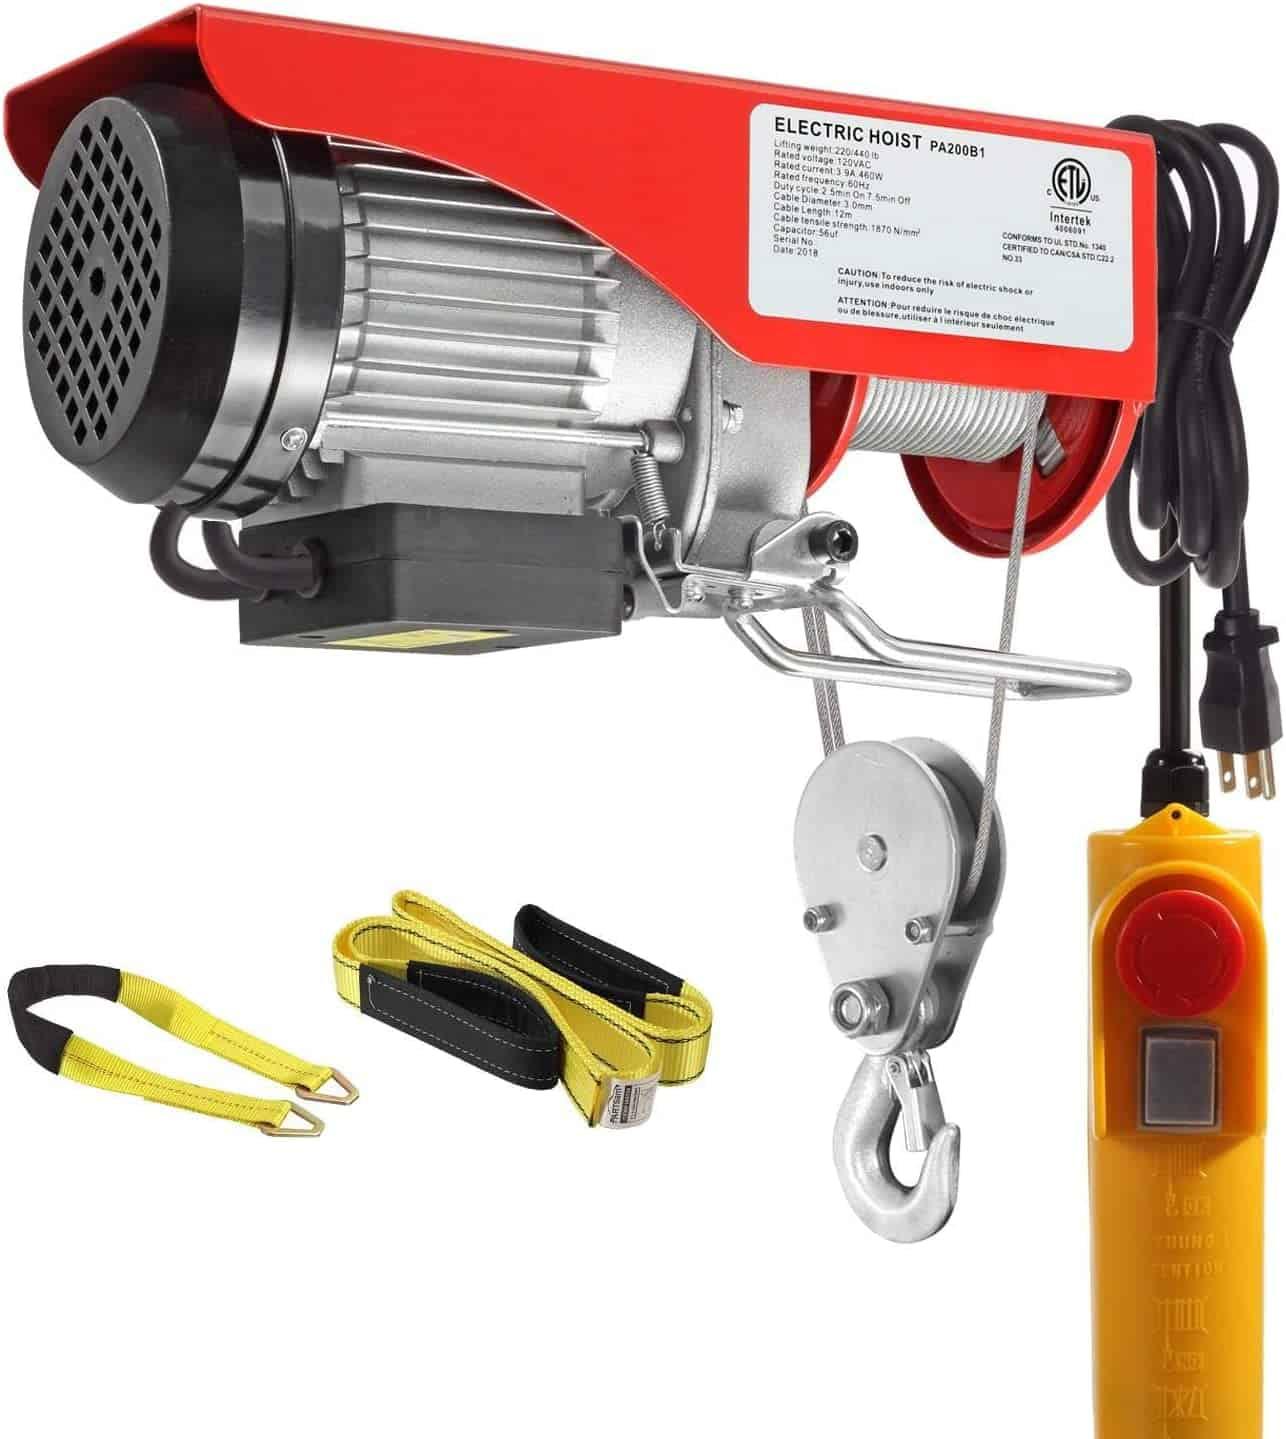 Partsam electric hoist lift with crane